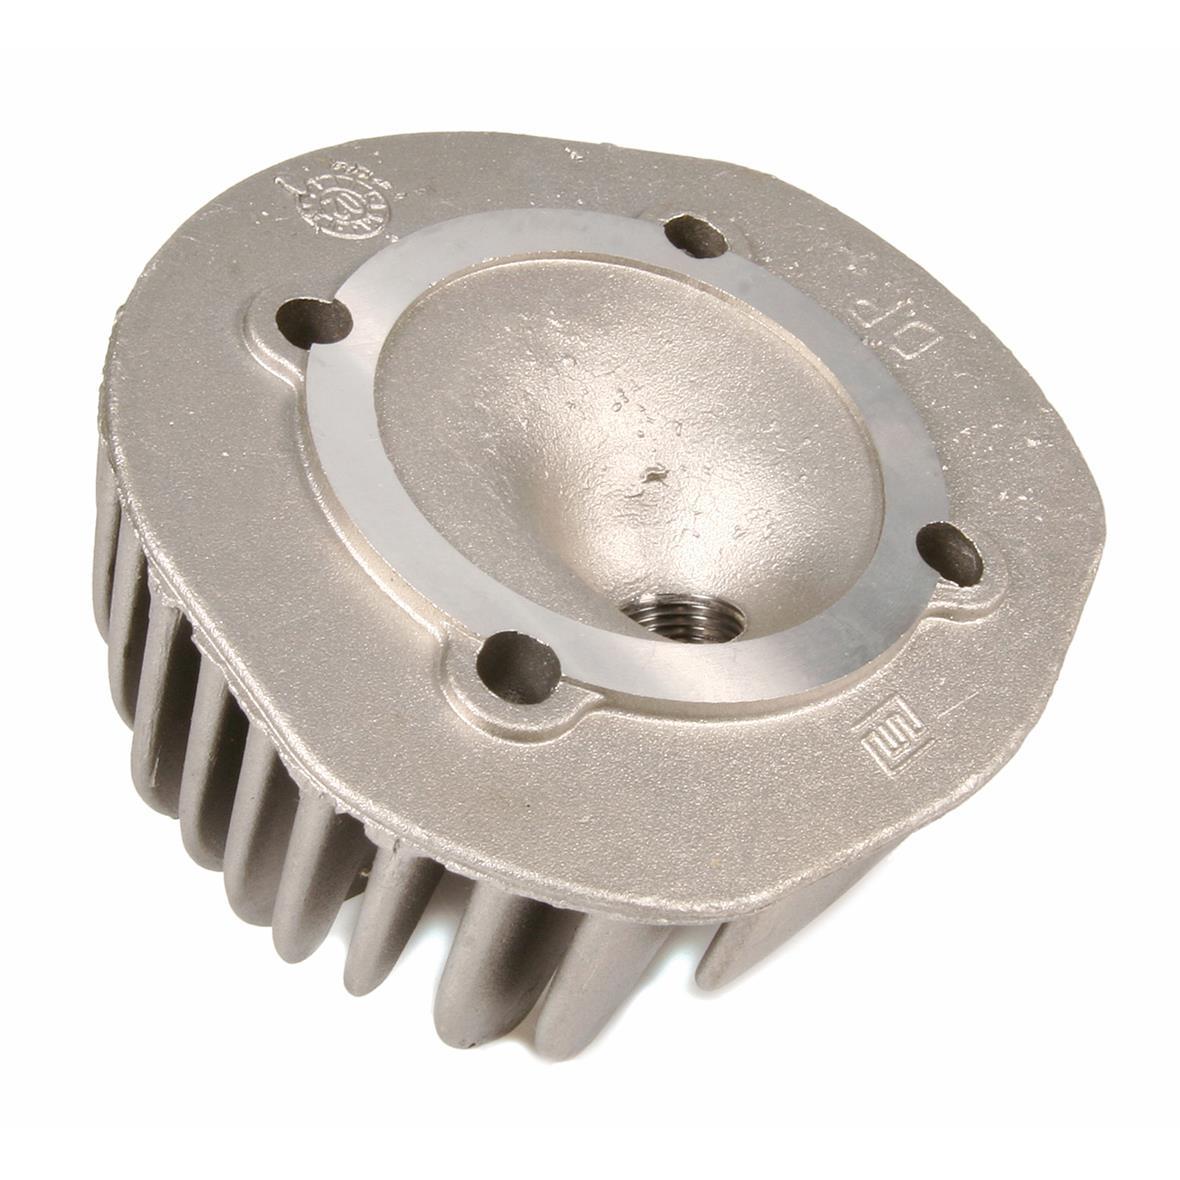 Zdjęcie produktu dla 'Głowica cylindra D.R. 102 ccmTitle'